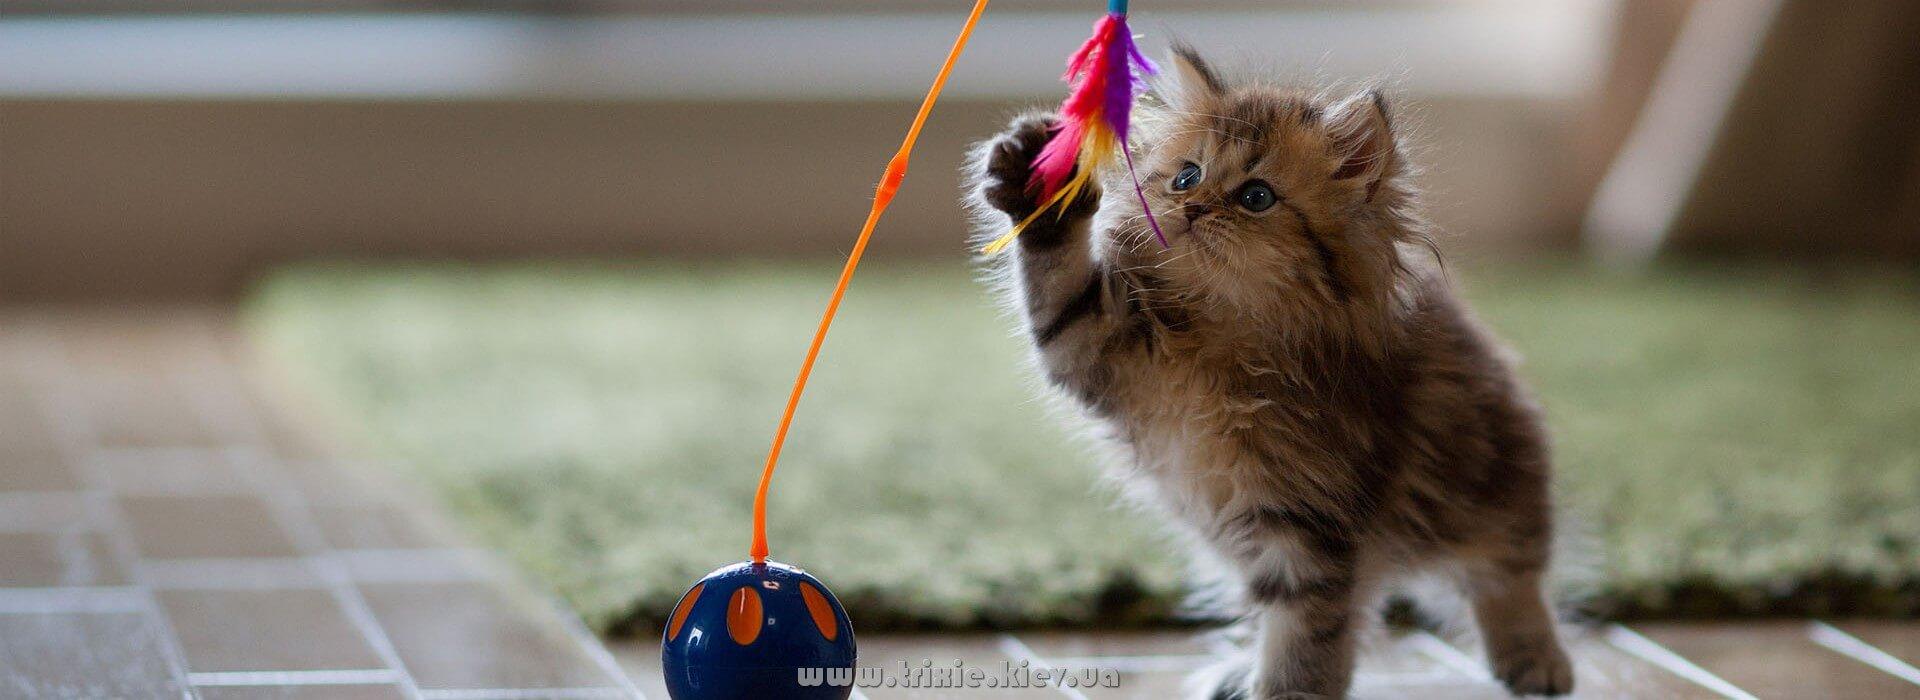 Для каждой кошки Украины, известно что Trixie это лучшие зоотовары для животных